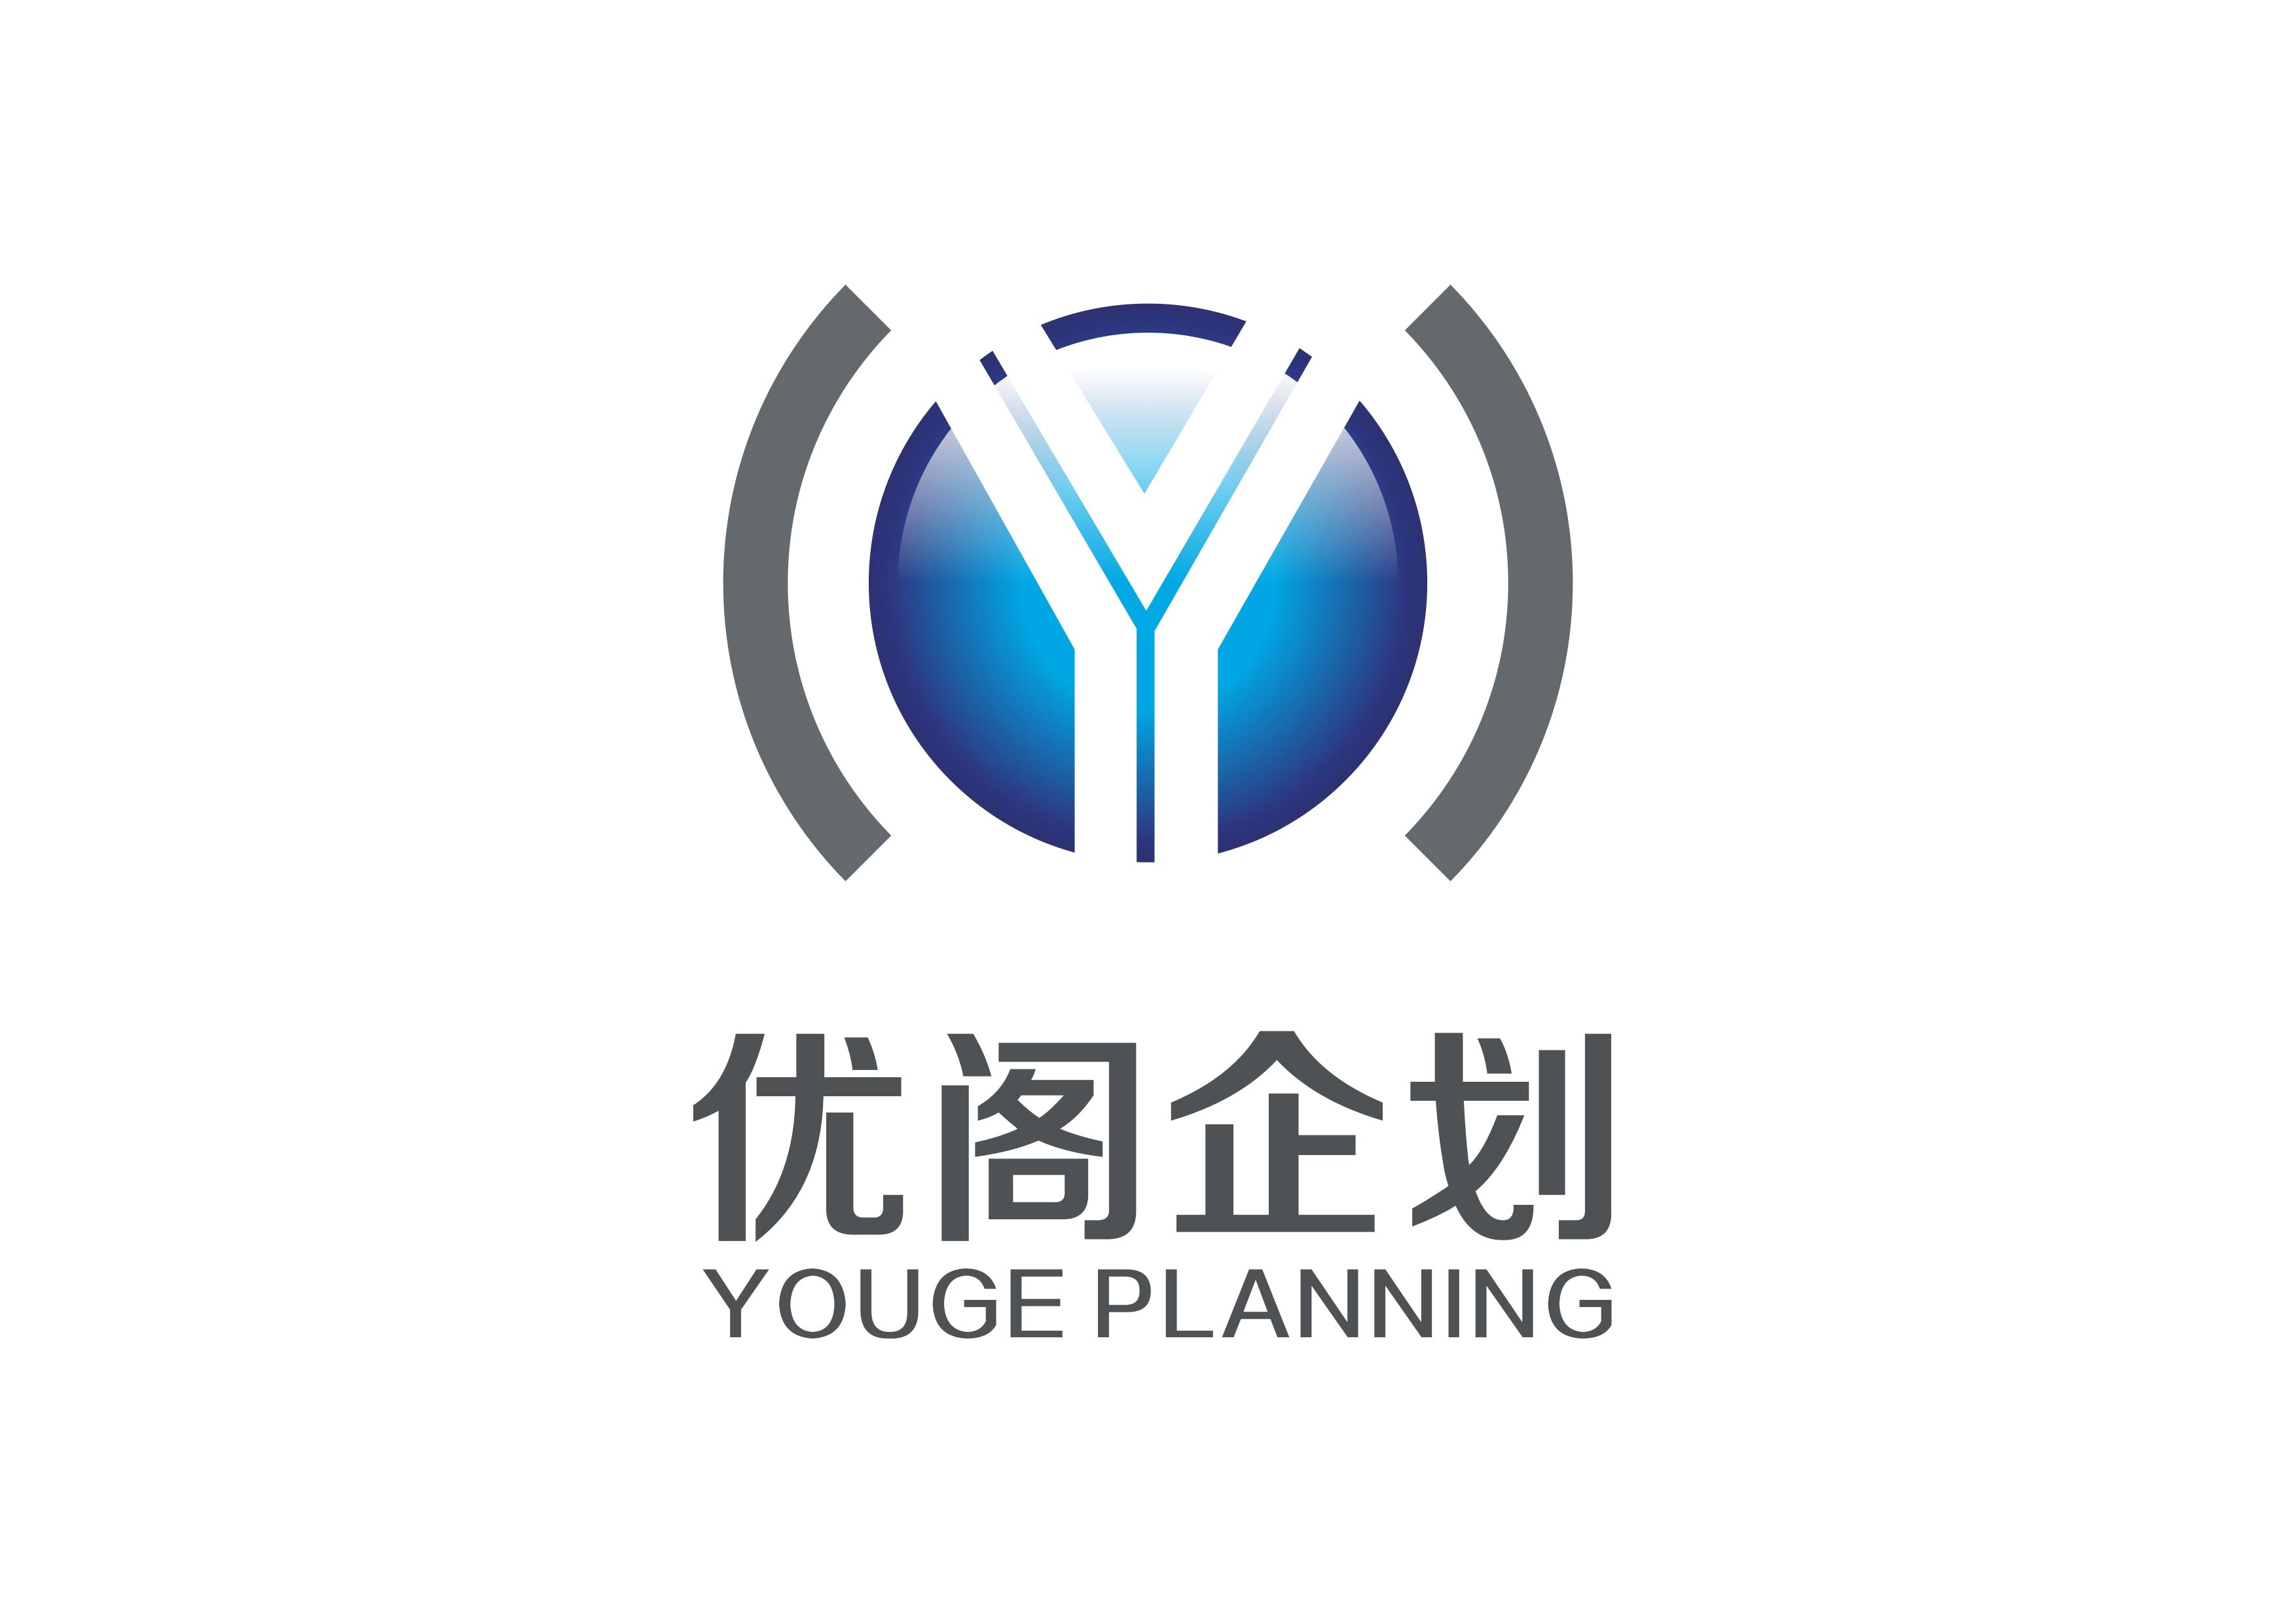 广告公司的logo设计